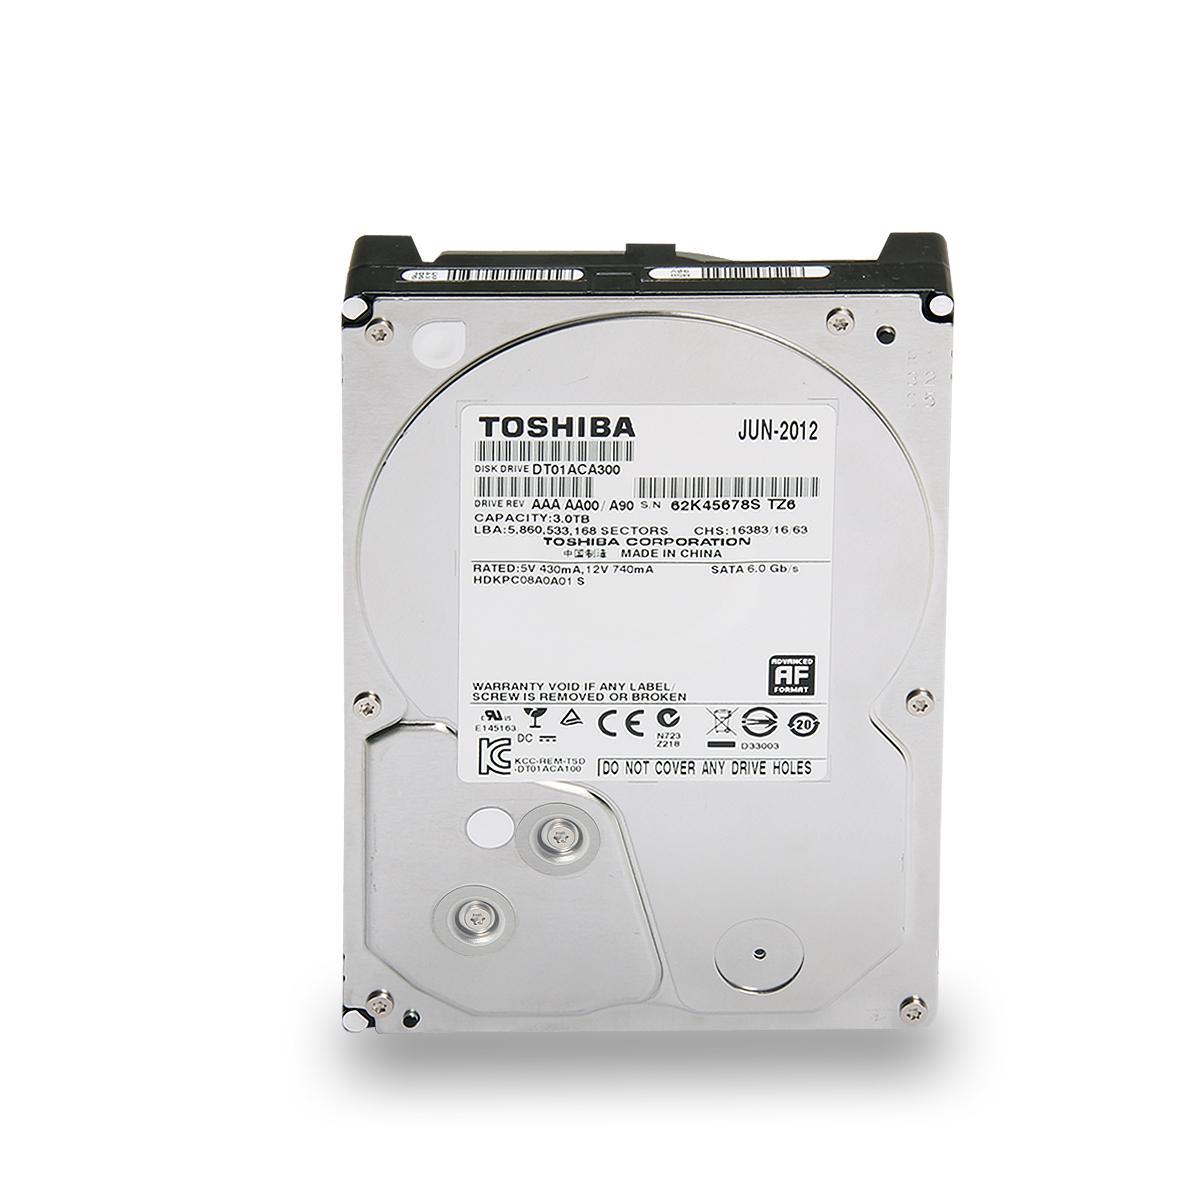 TOSHIBA MD04ACA400 internal Hard Disk Drive - 3,5